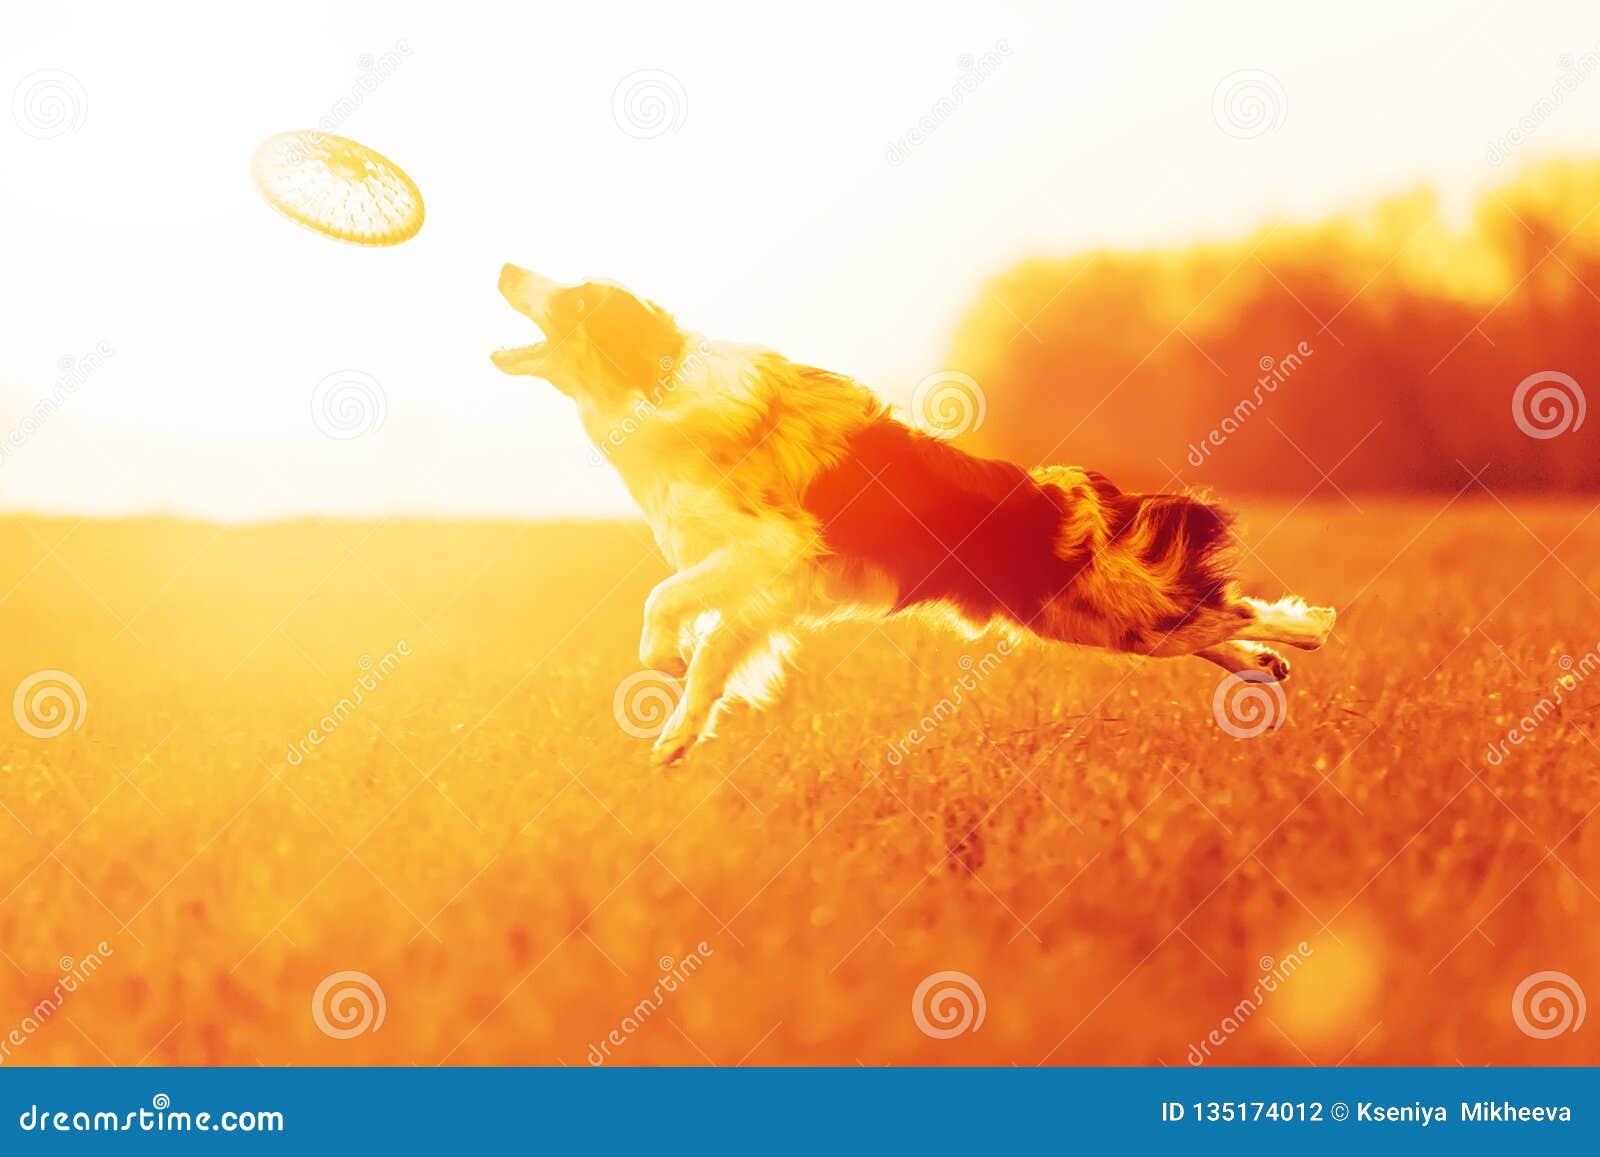 Mramar jest prześladowanym Border collie skok wewnątrz niebo w polu